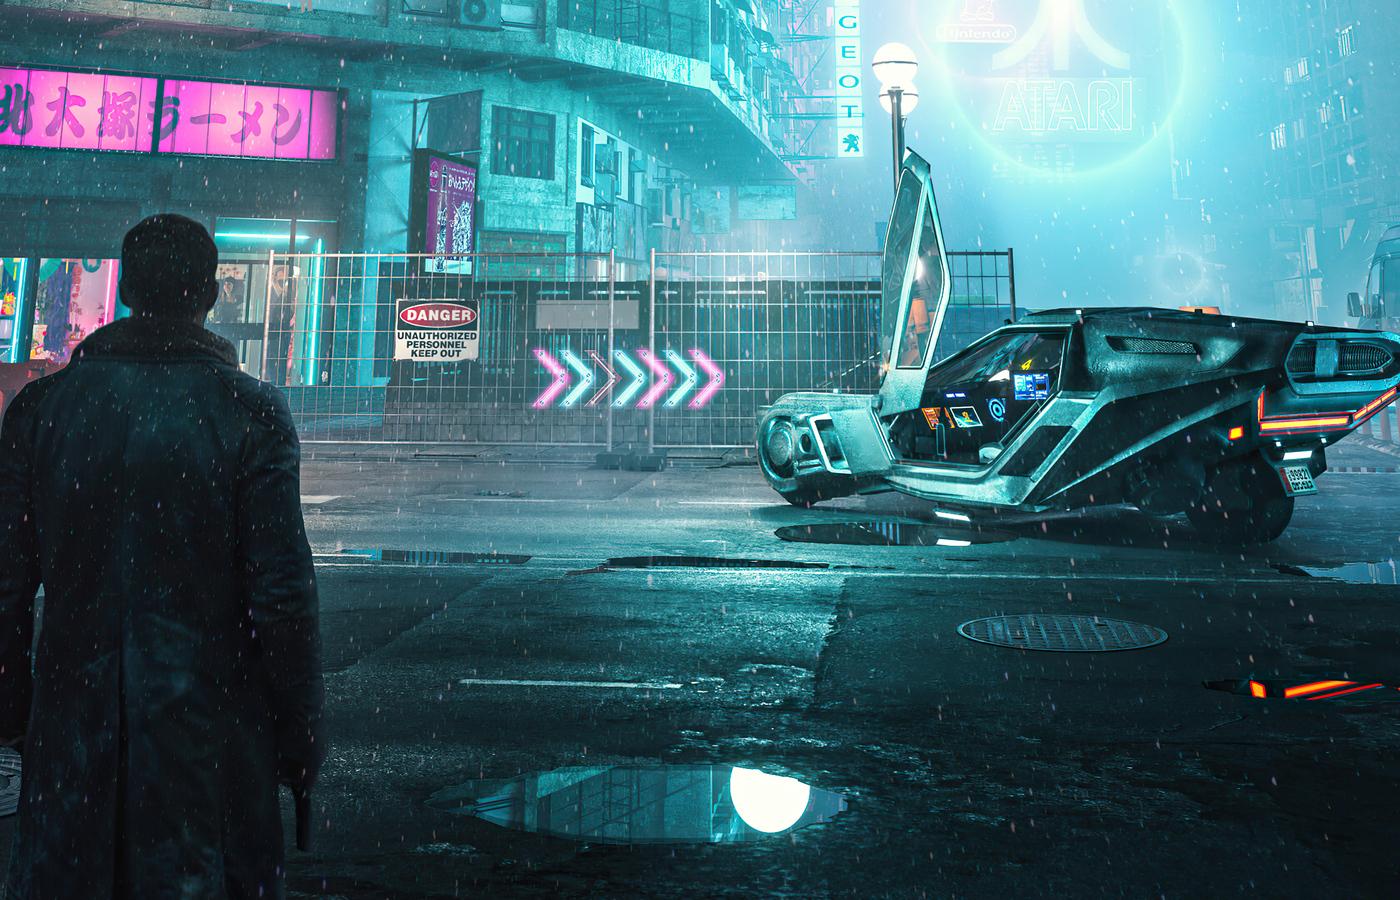 blade-runner-2049-tokyo-cyberpunk-4k-2d.jpg